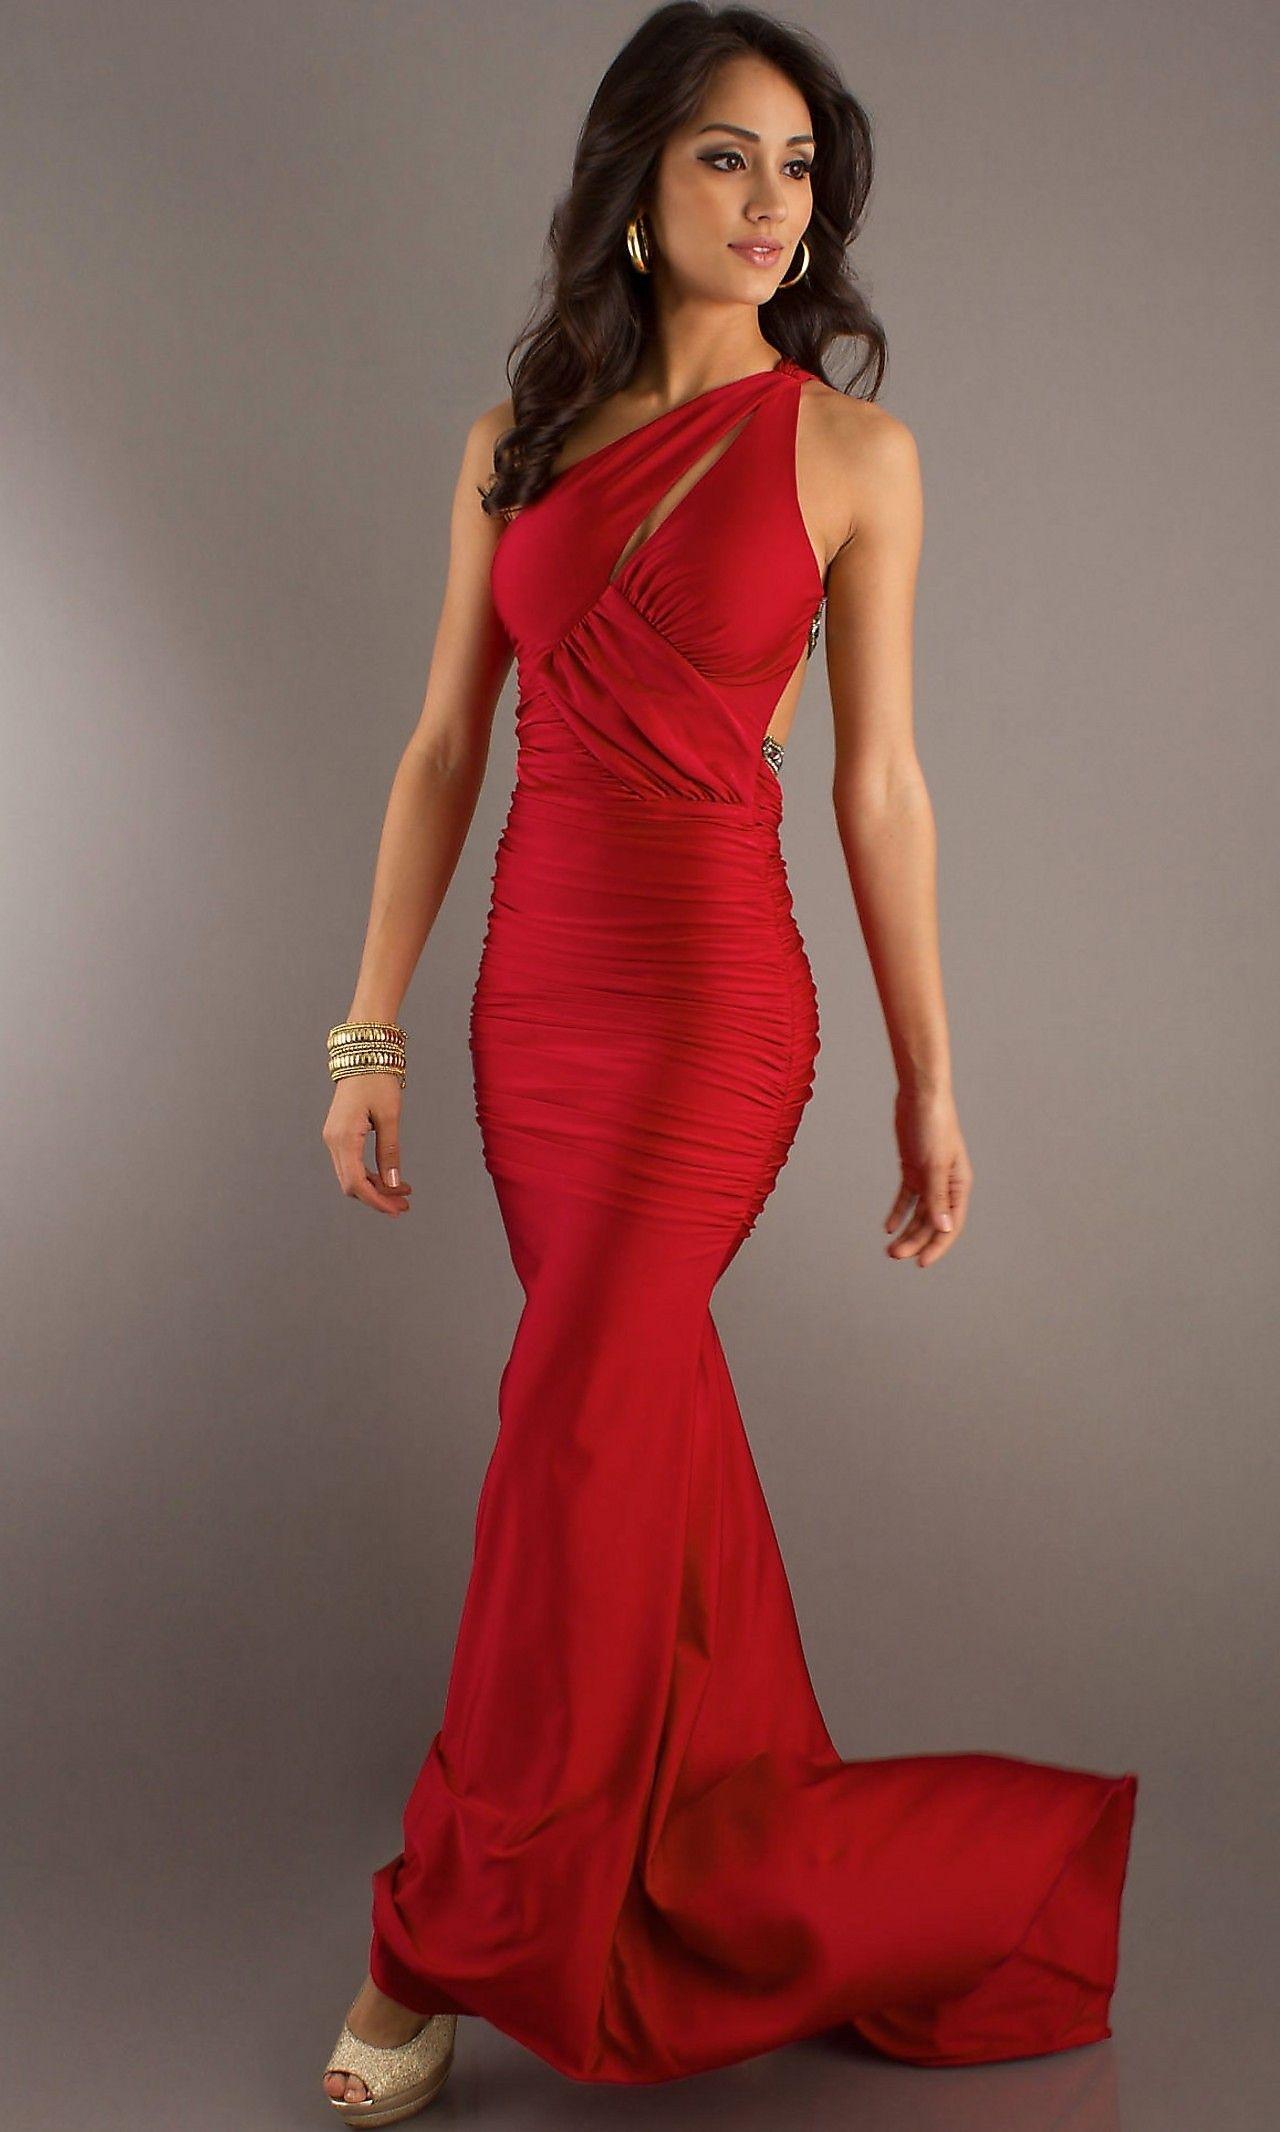 13 Großartig Abendkleider Mittellang Boutique20 Top Abendkleider Mittellang Ärmel